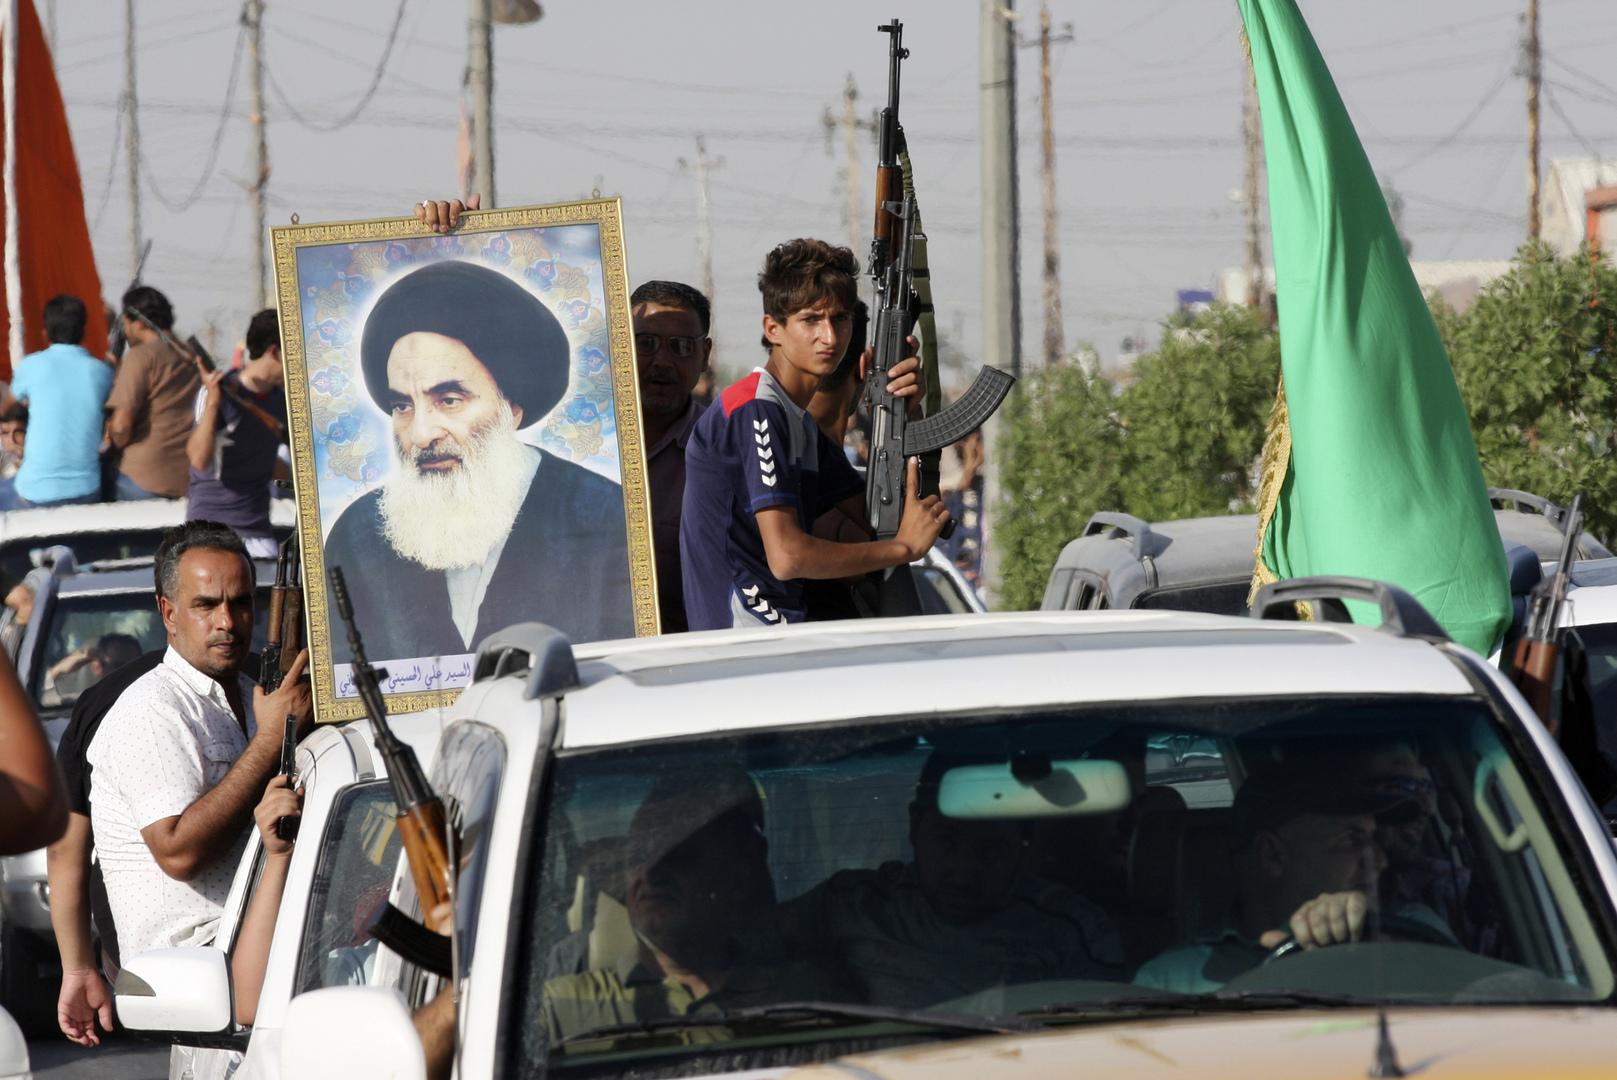 السيستاني يحذر من استغلال احتجاجات العراق من جهات داخلية وخارجية